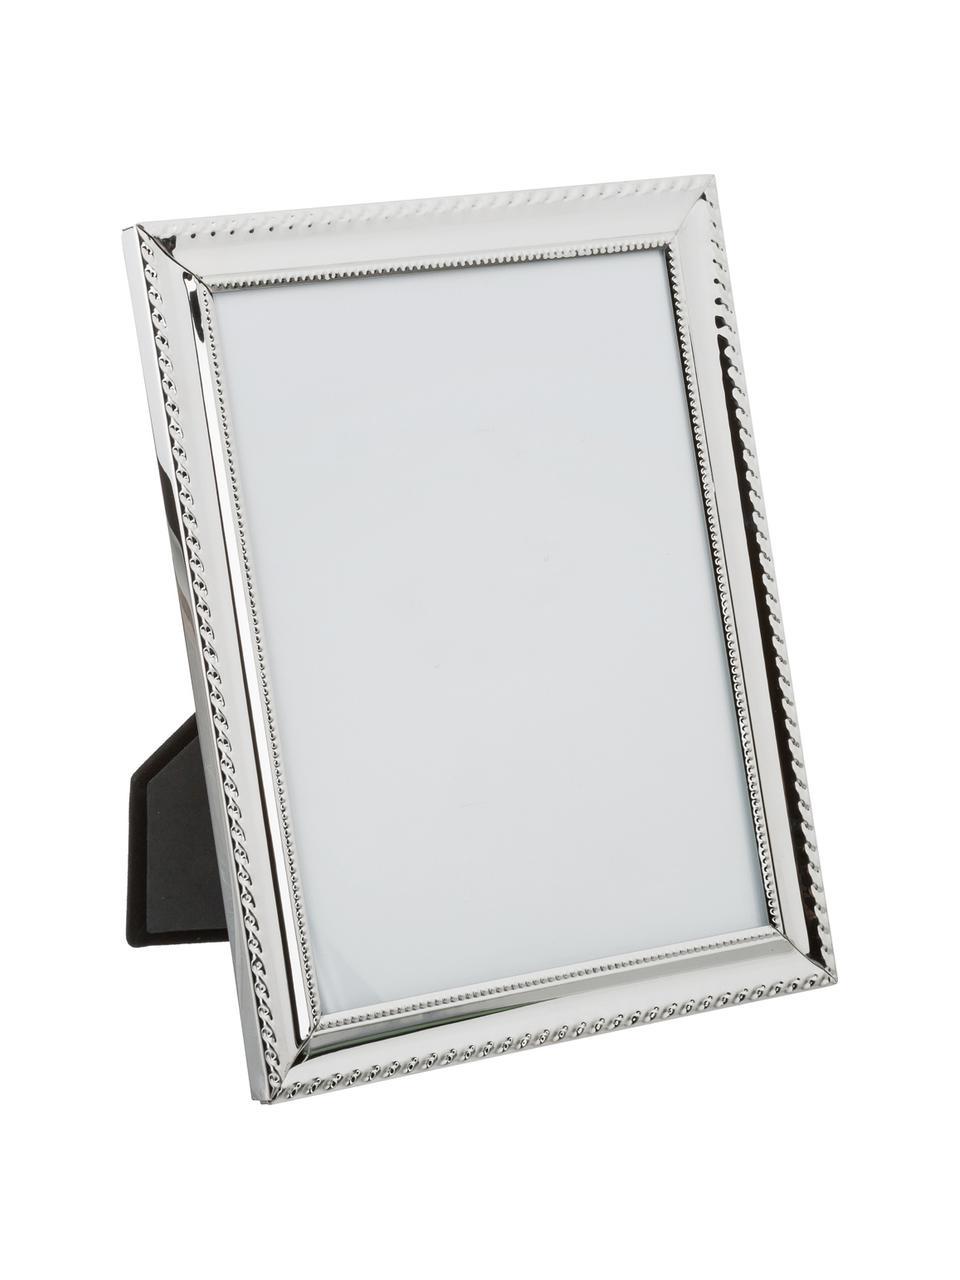 Ramka na zdjęcia Julie, Odcienie srebrnego, transparentny, 15 x 20 cm